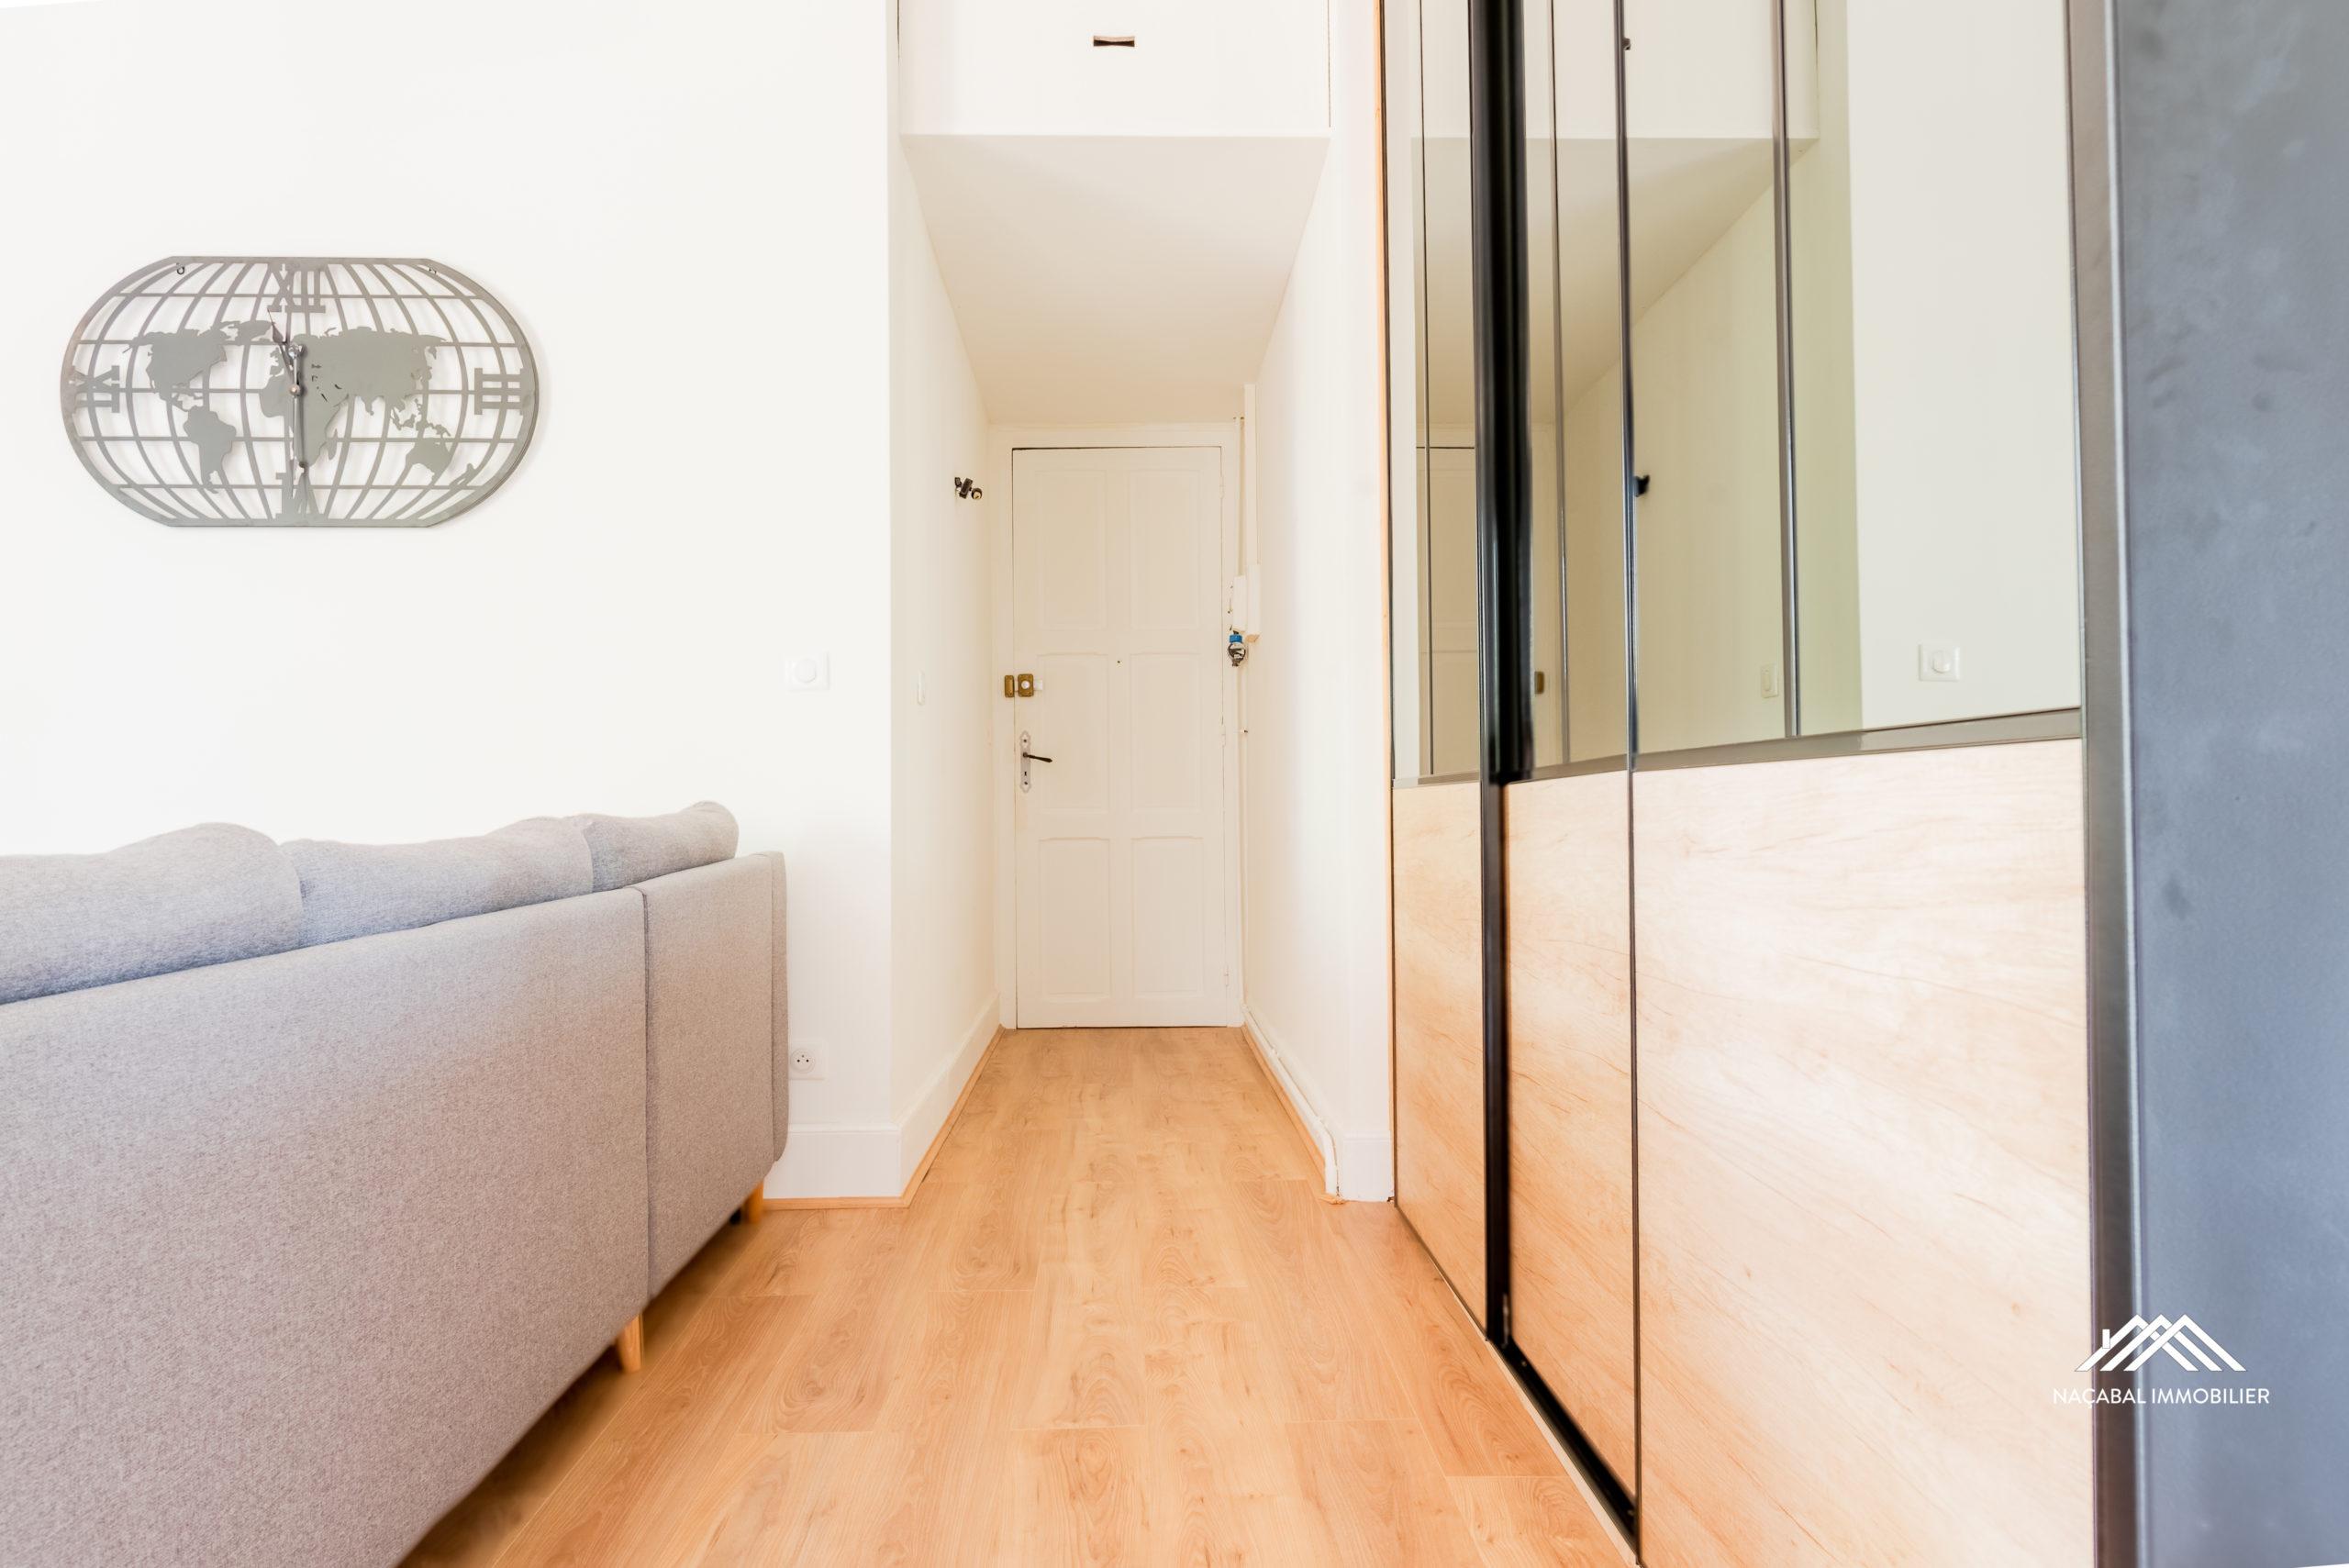 acheter appartement pays basque